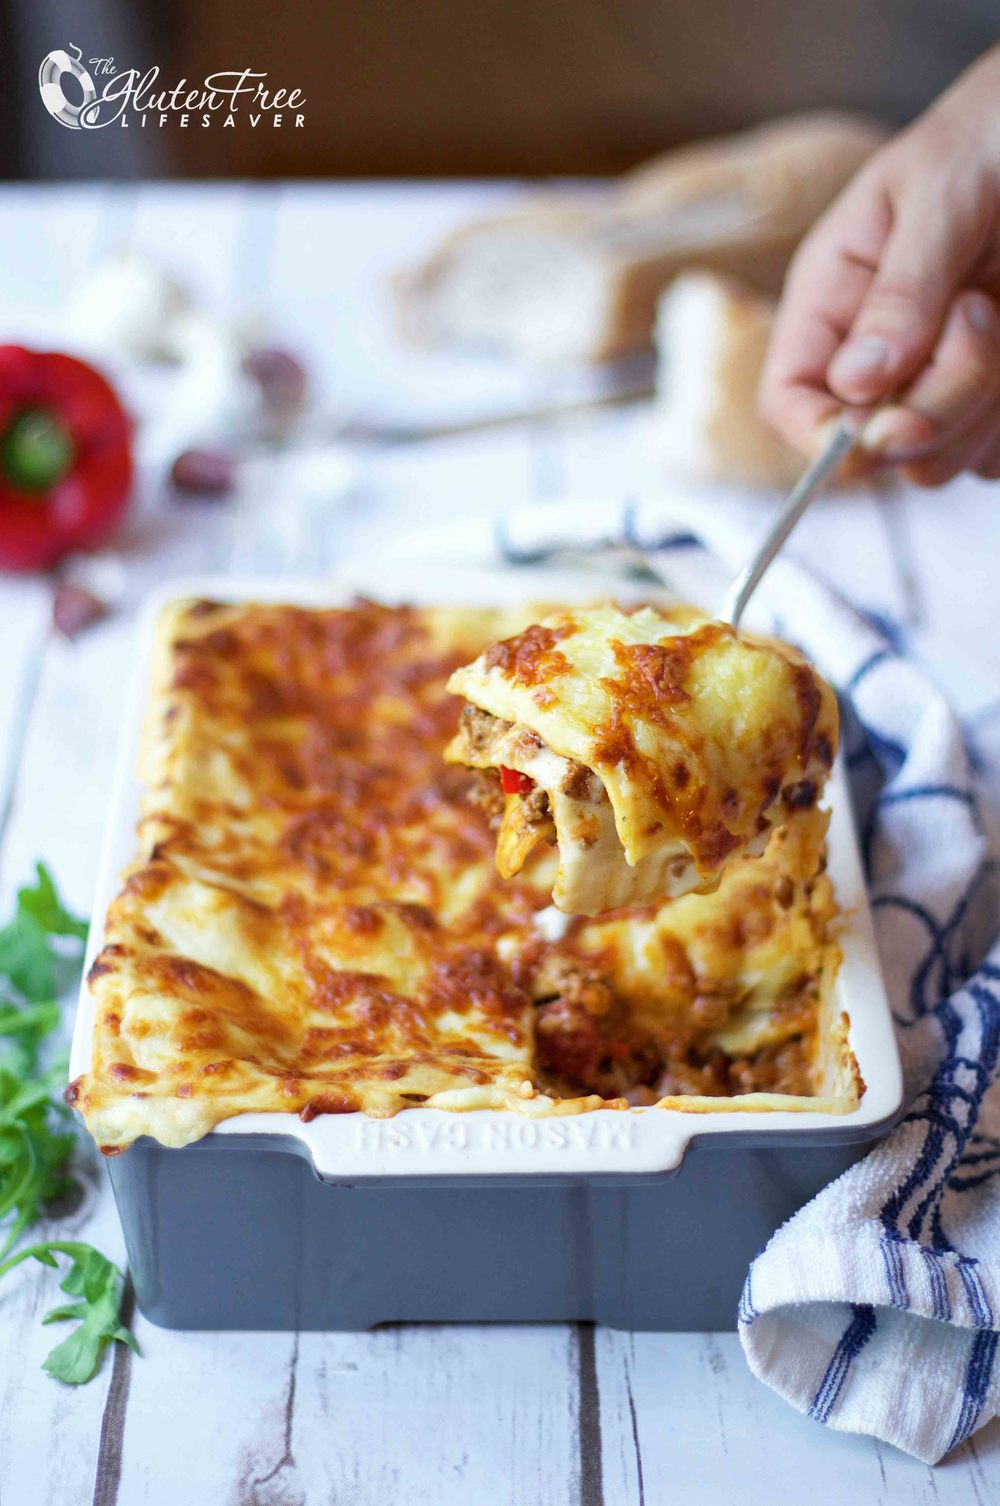 oppskrift på glutenfri tomatfri lasagne